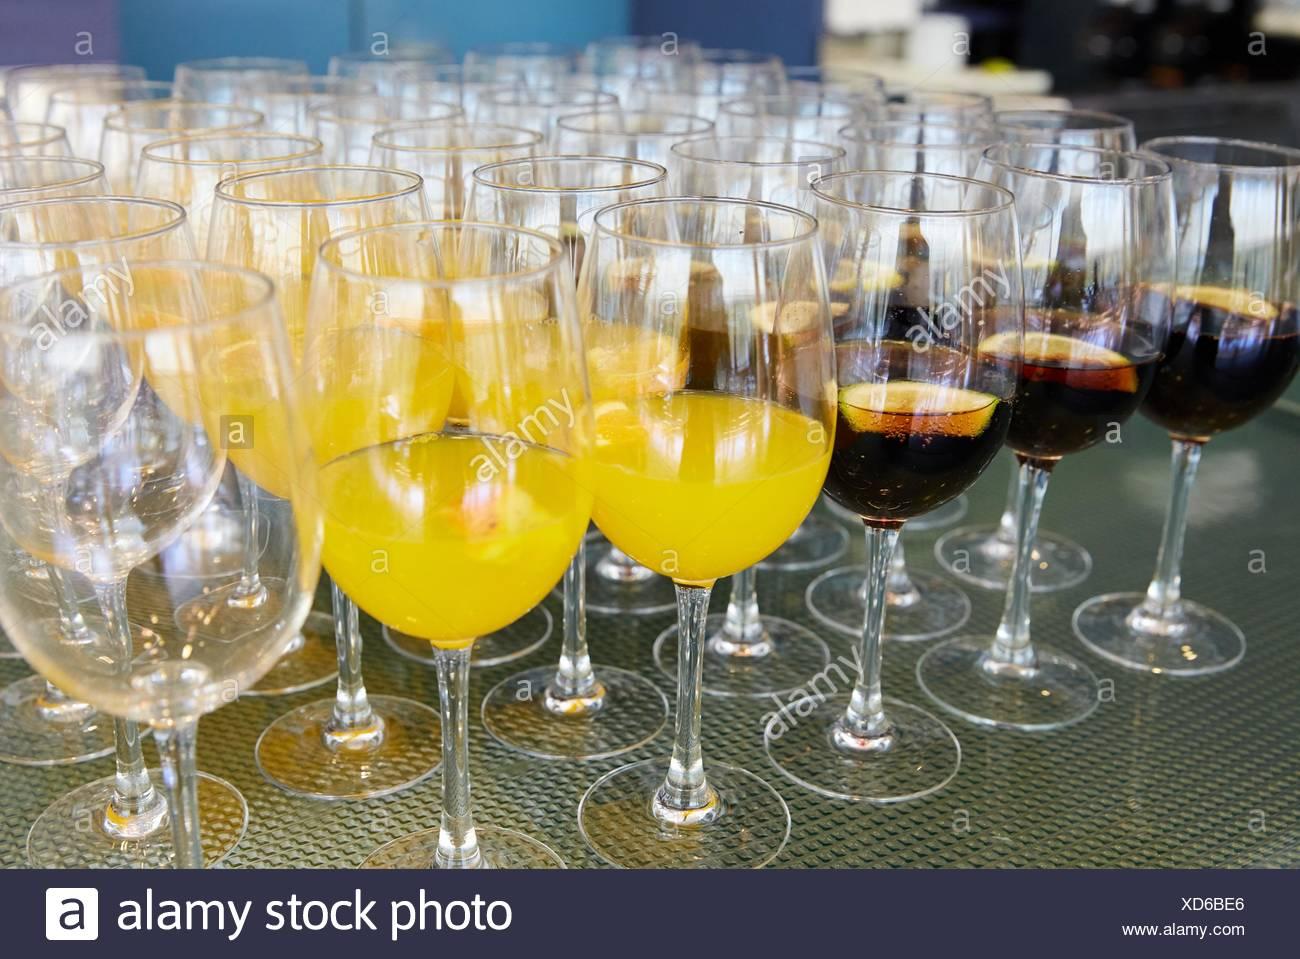 Bevande, bibite analcoliche, congresso Catering Immagini Stock